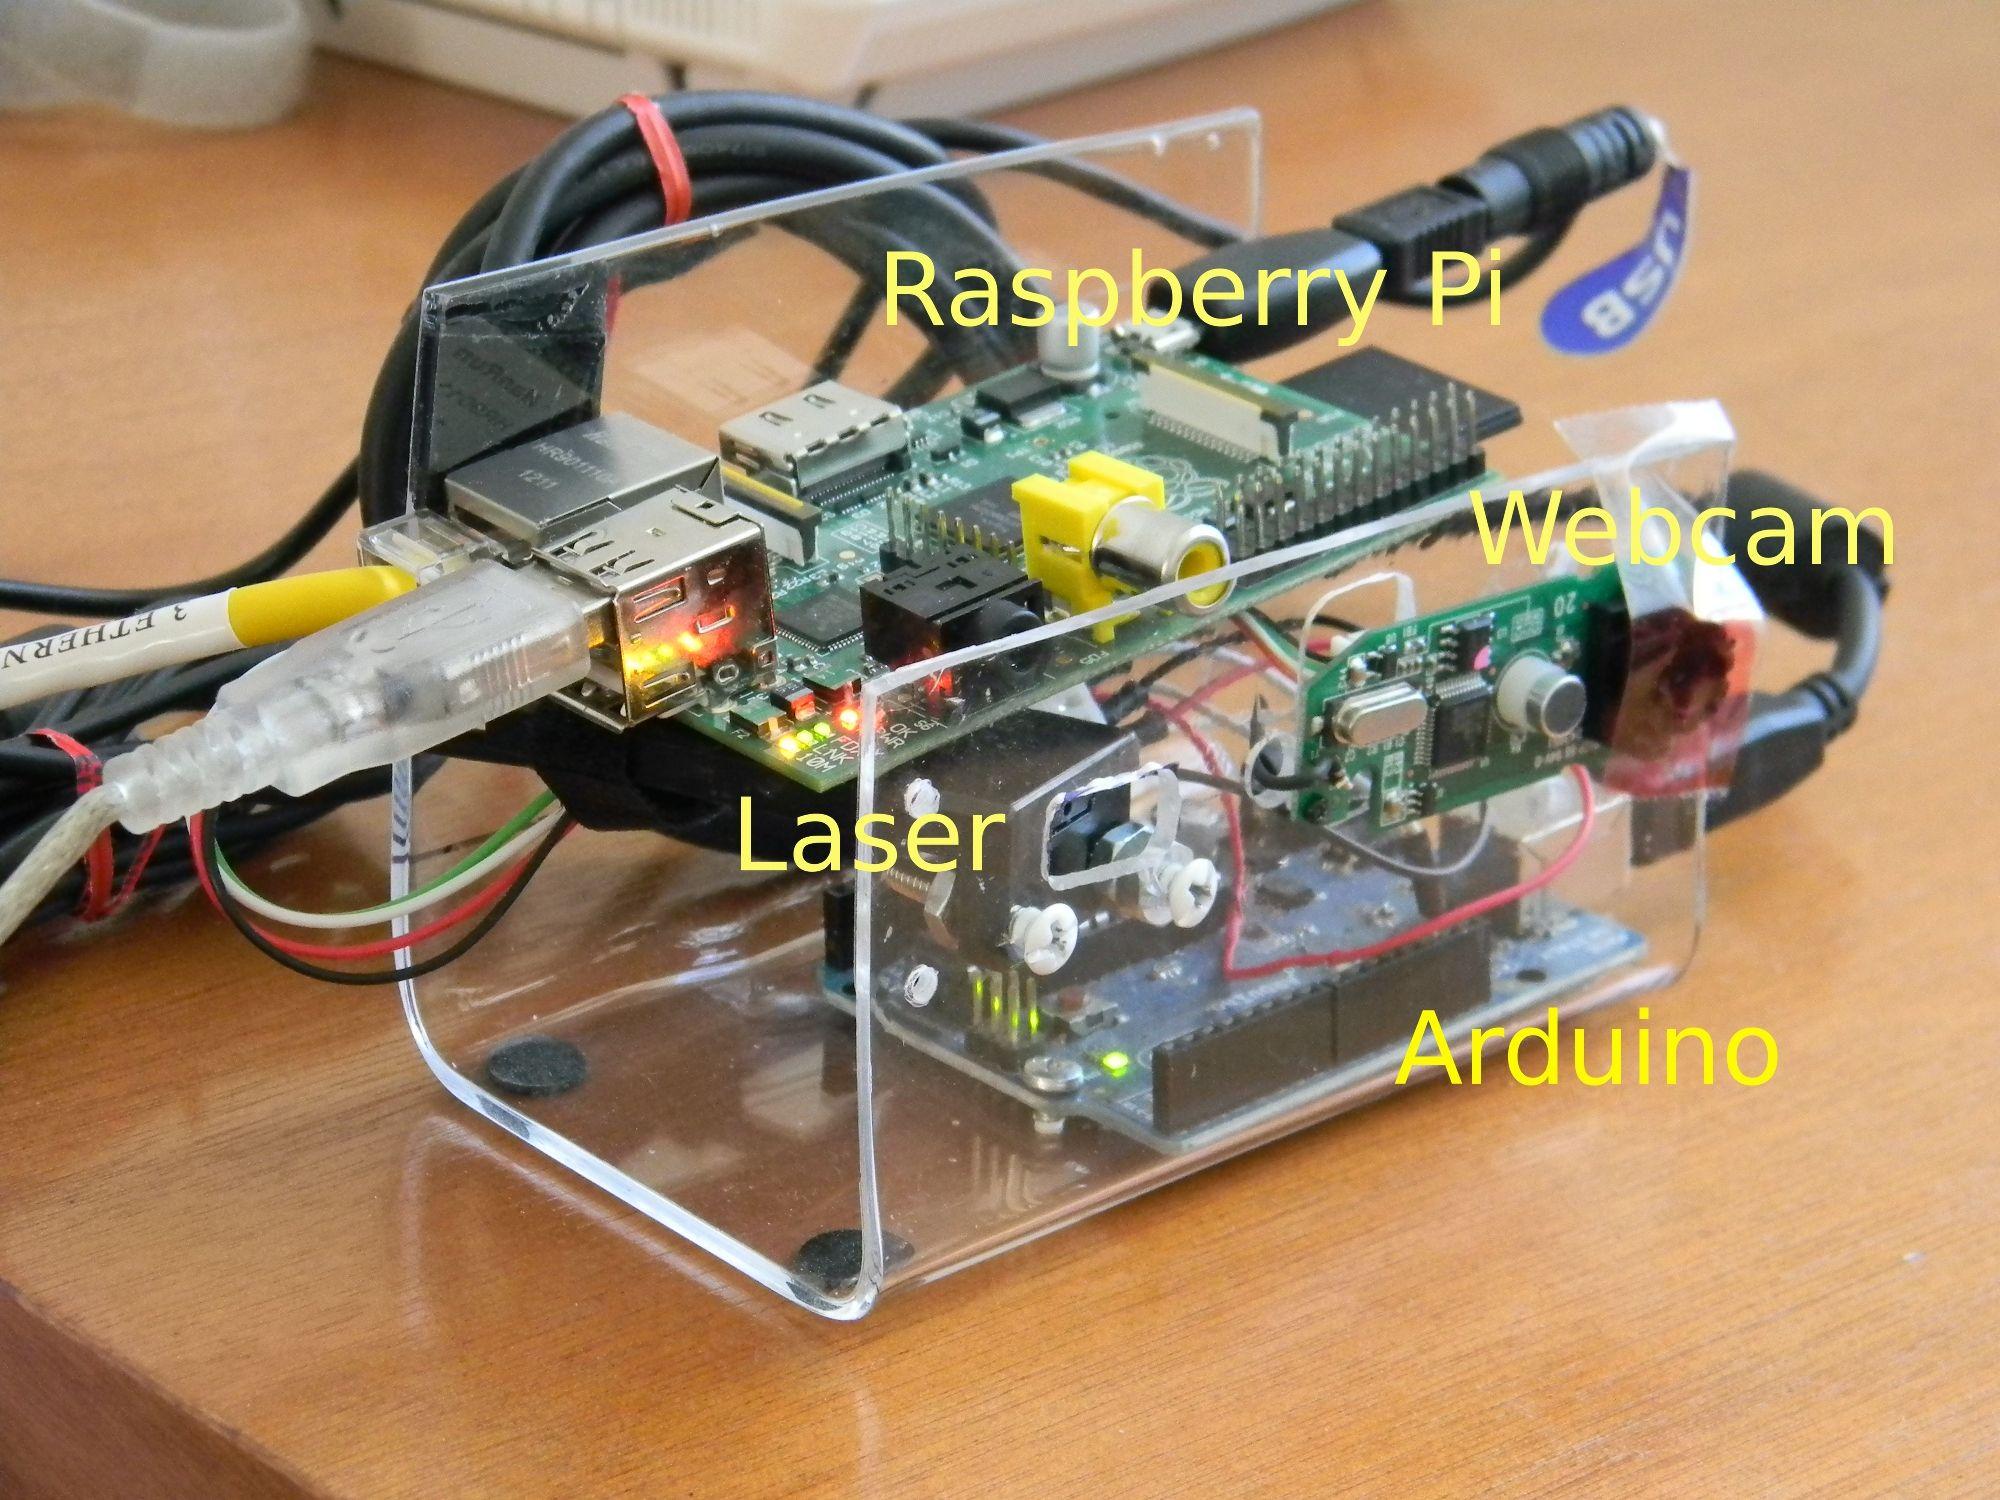 Raspberrypi arduino webcam laser range finder llabiz